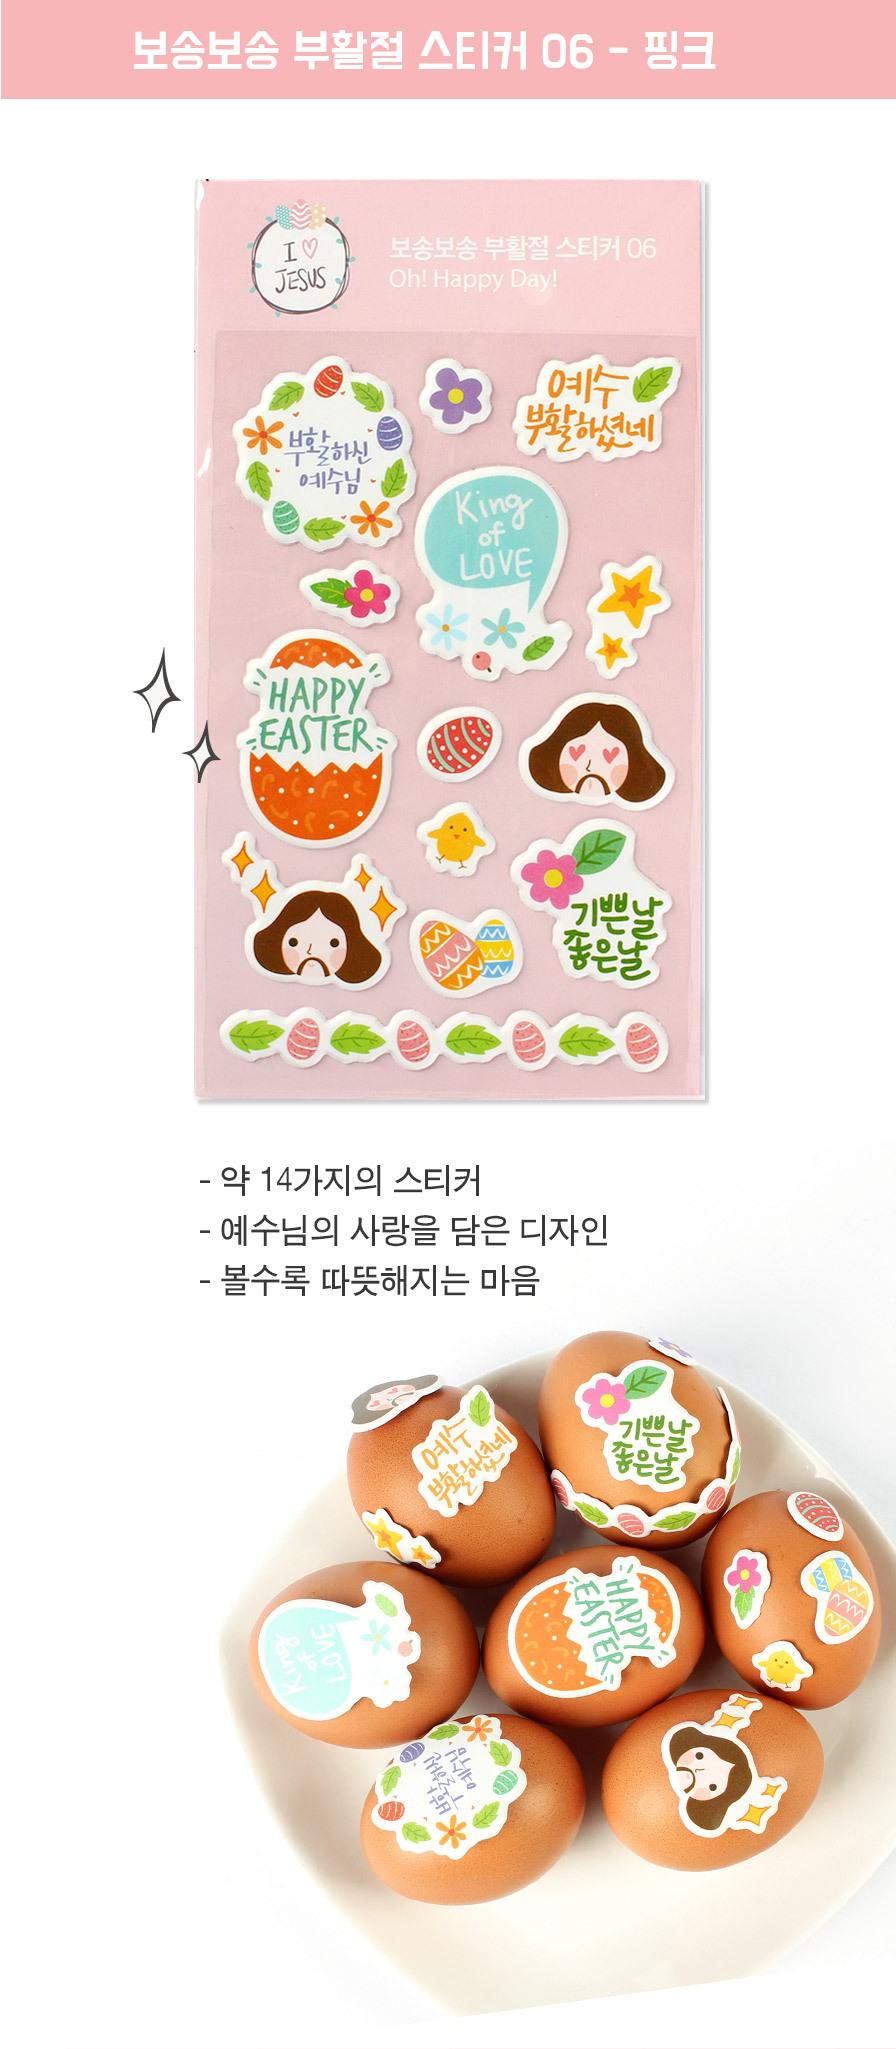 부활절 교회 달걀꾸미기 보송보송 스티커 06 - 핑크 상세보기